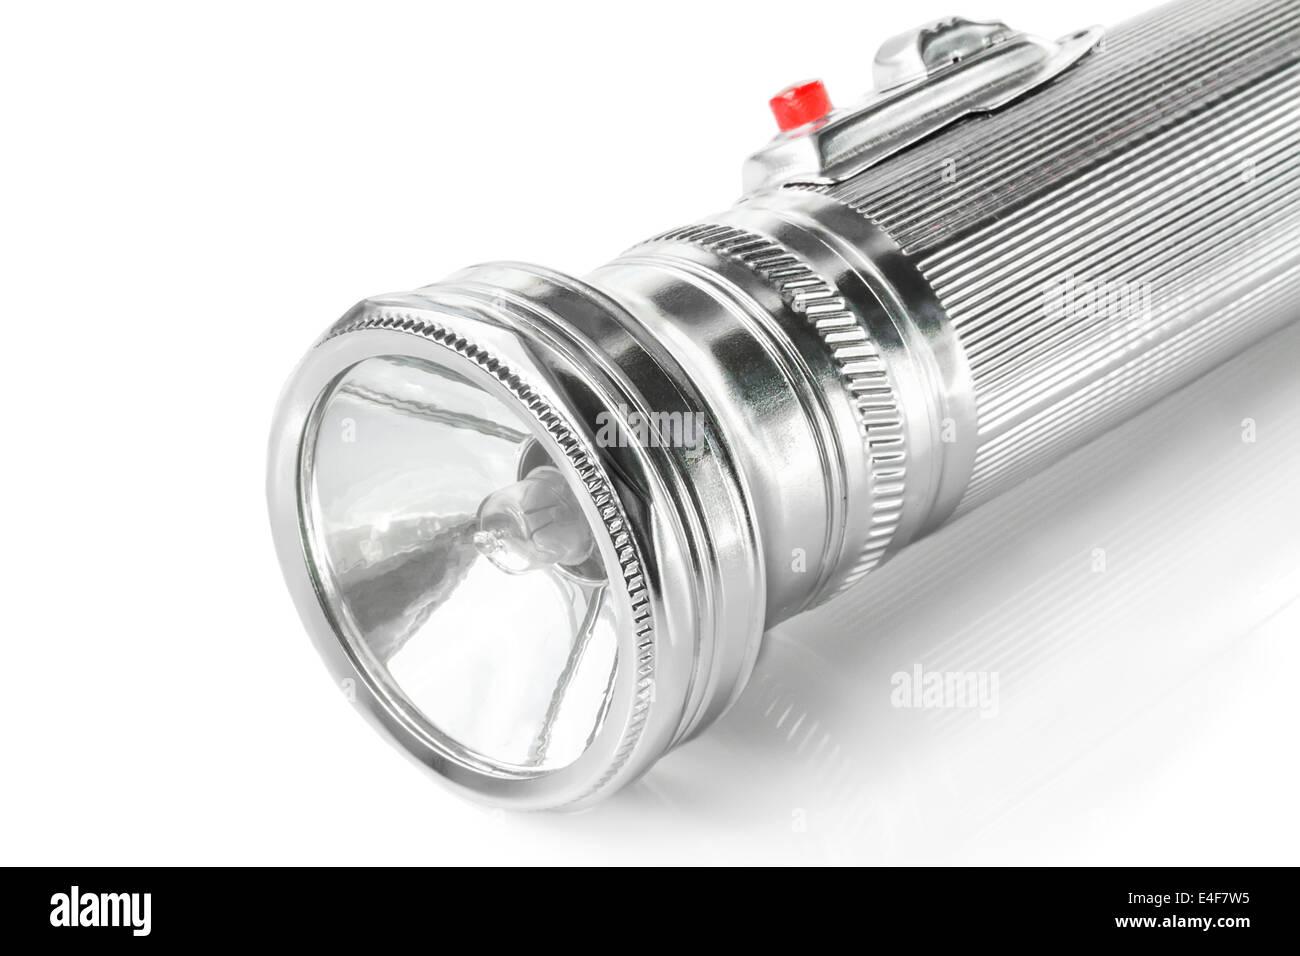 Old metal pocket flashlight isolated on white background - Stock Image